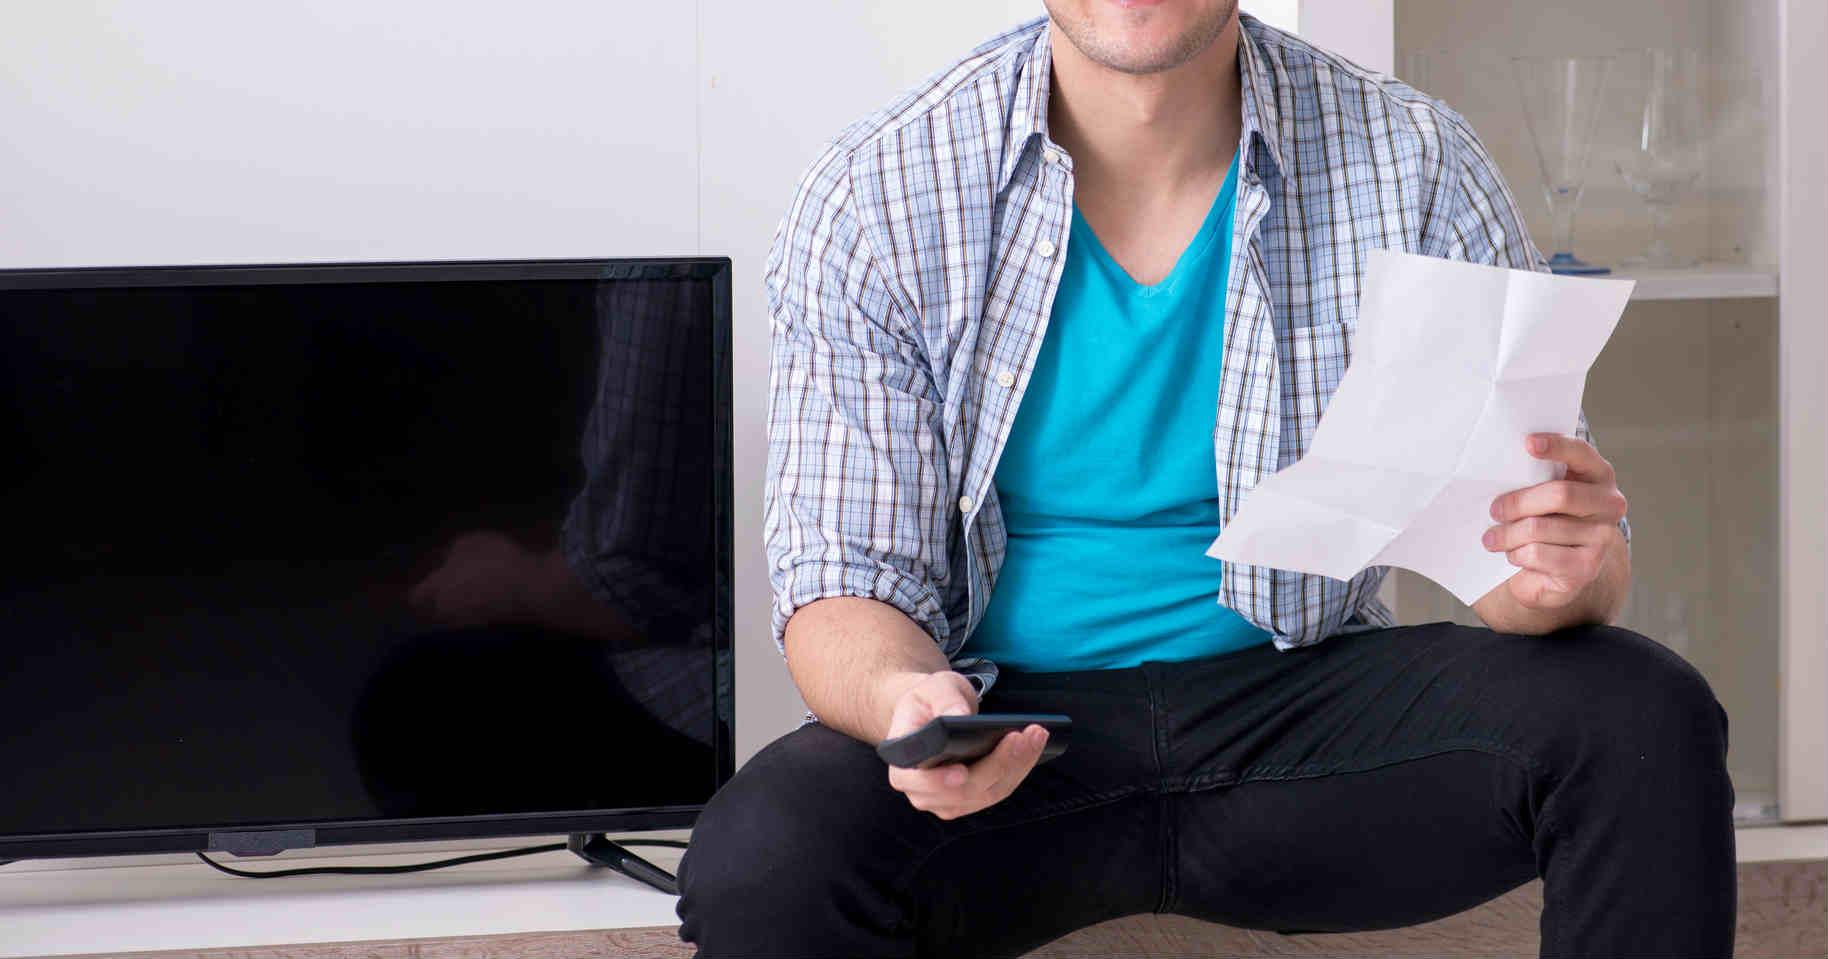 録画機能の利点 録画機能付きテレビ・DVDレコーダーのおすすめ